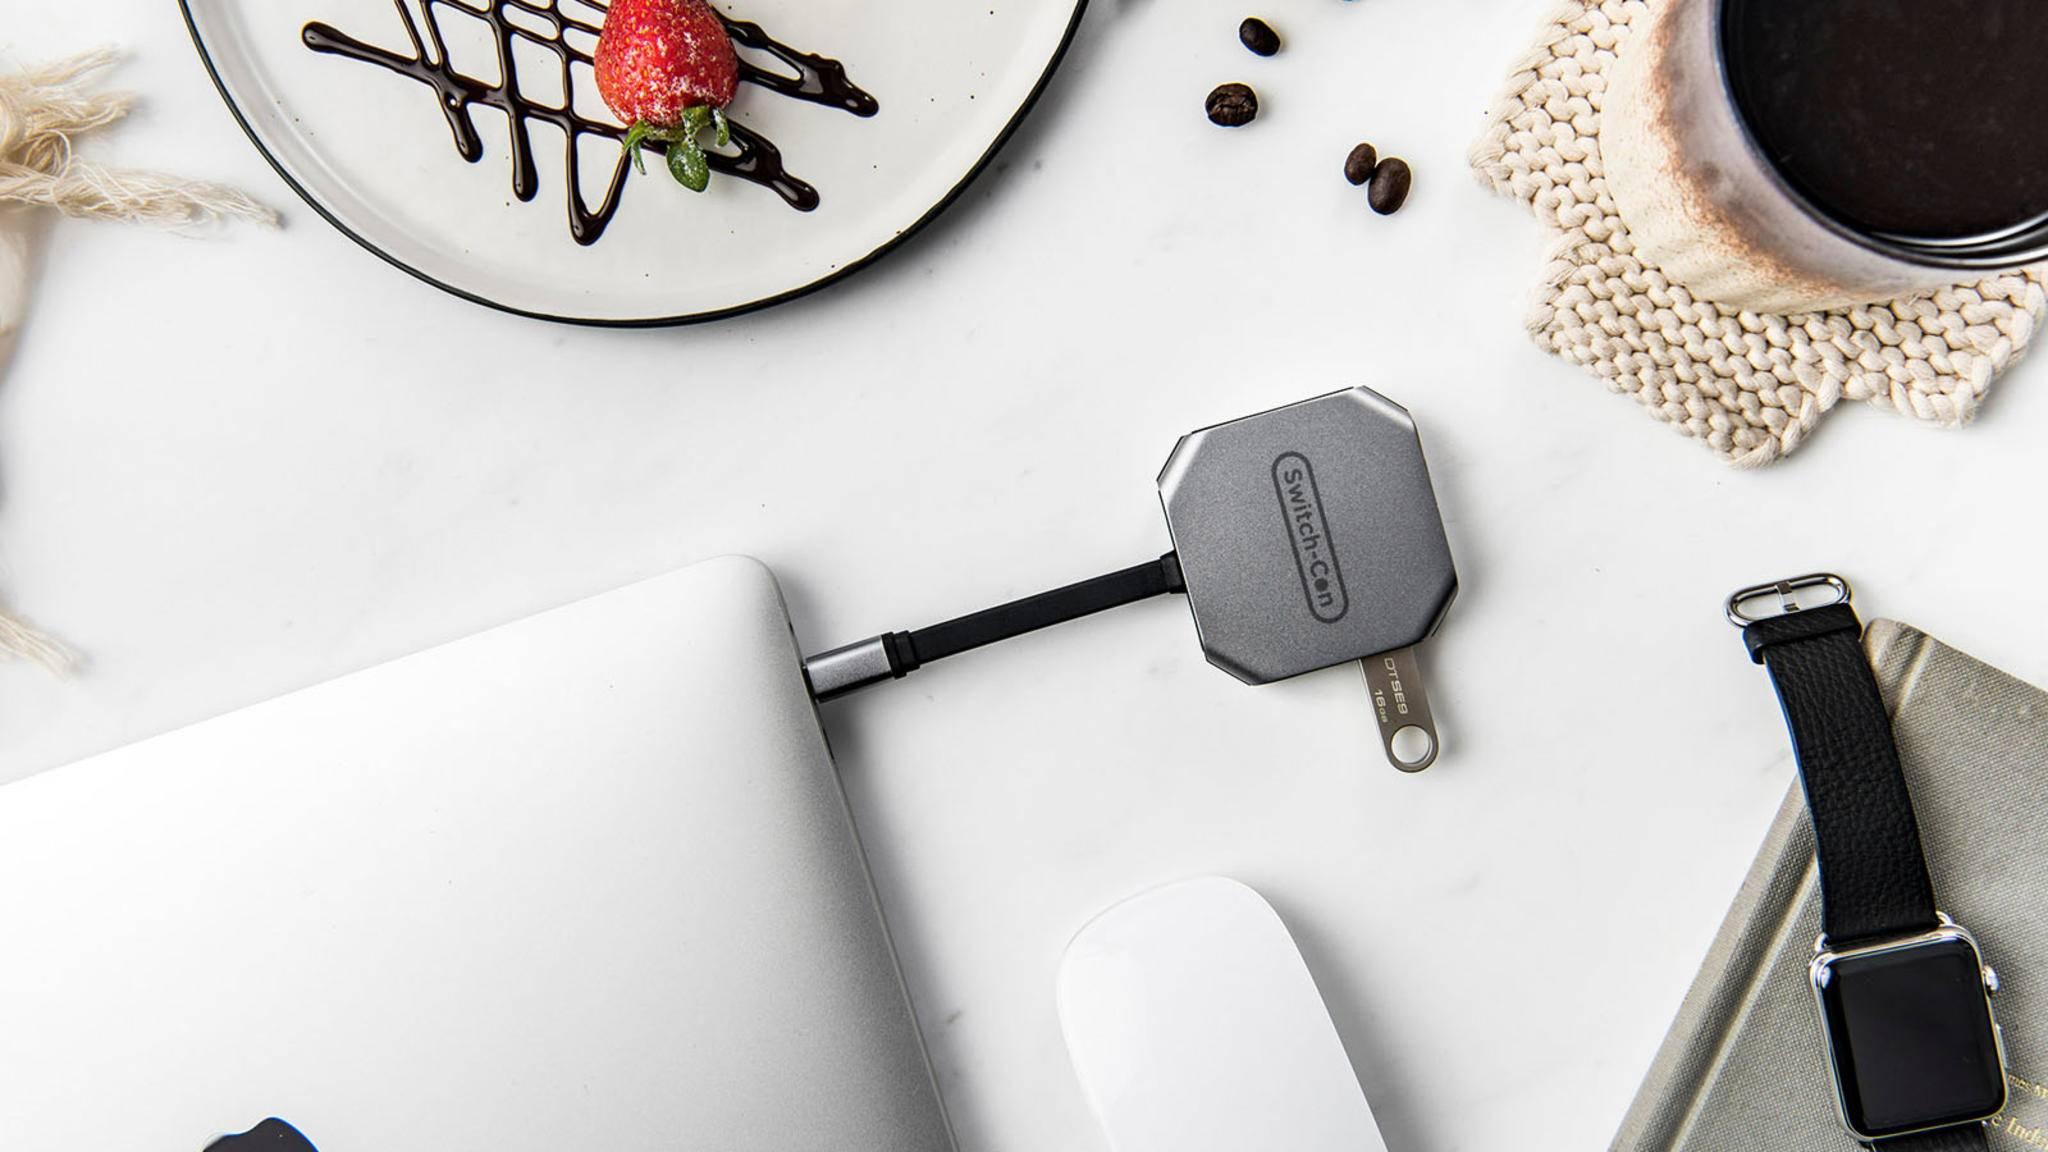 ... der USB-C-Anschluss überträgt auch Videosignale, wobei ...